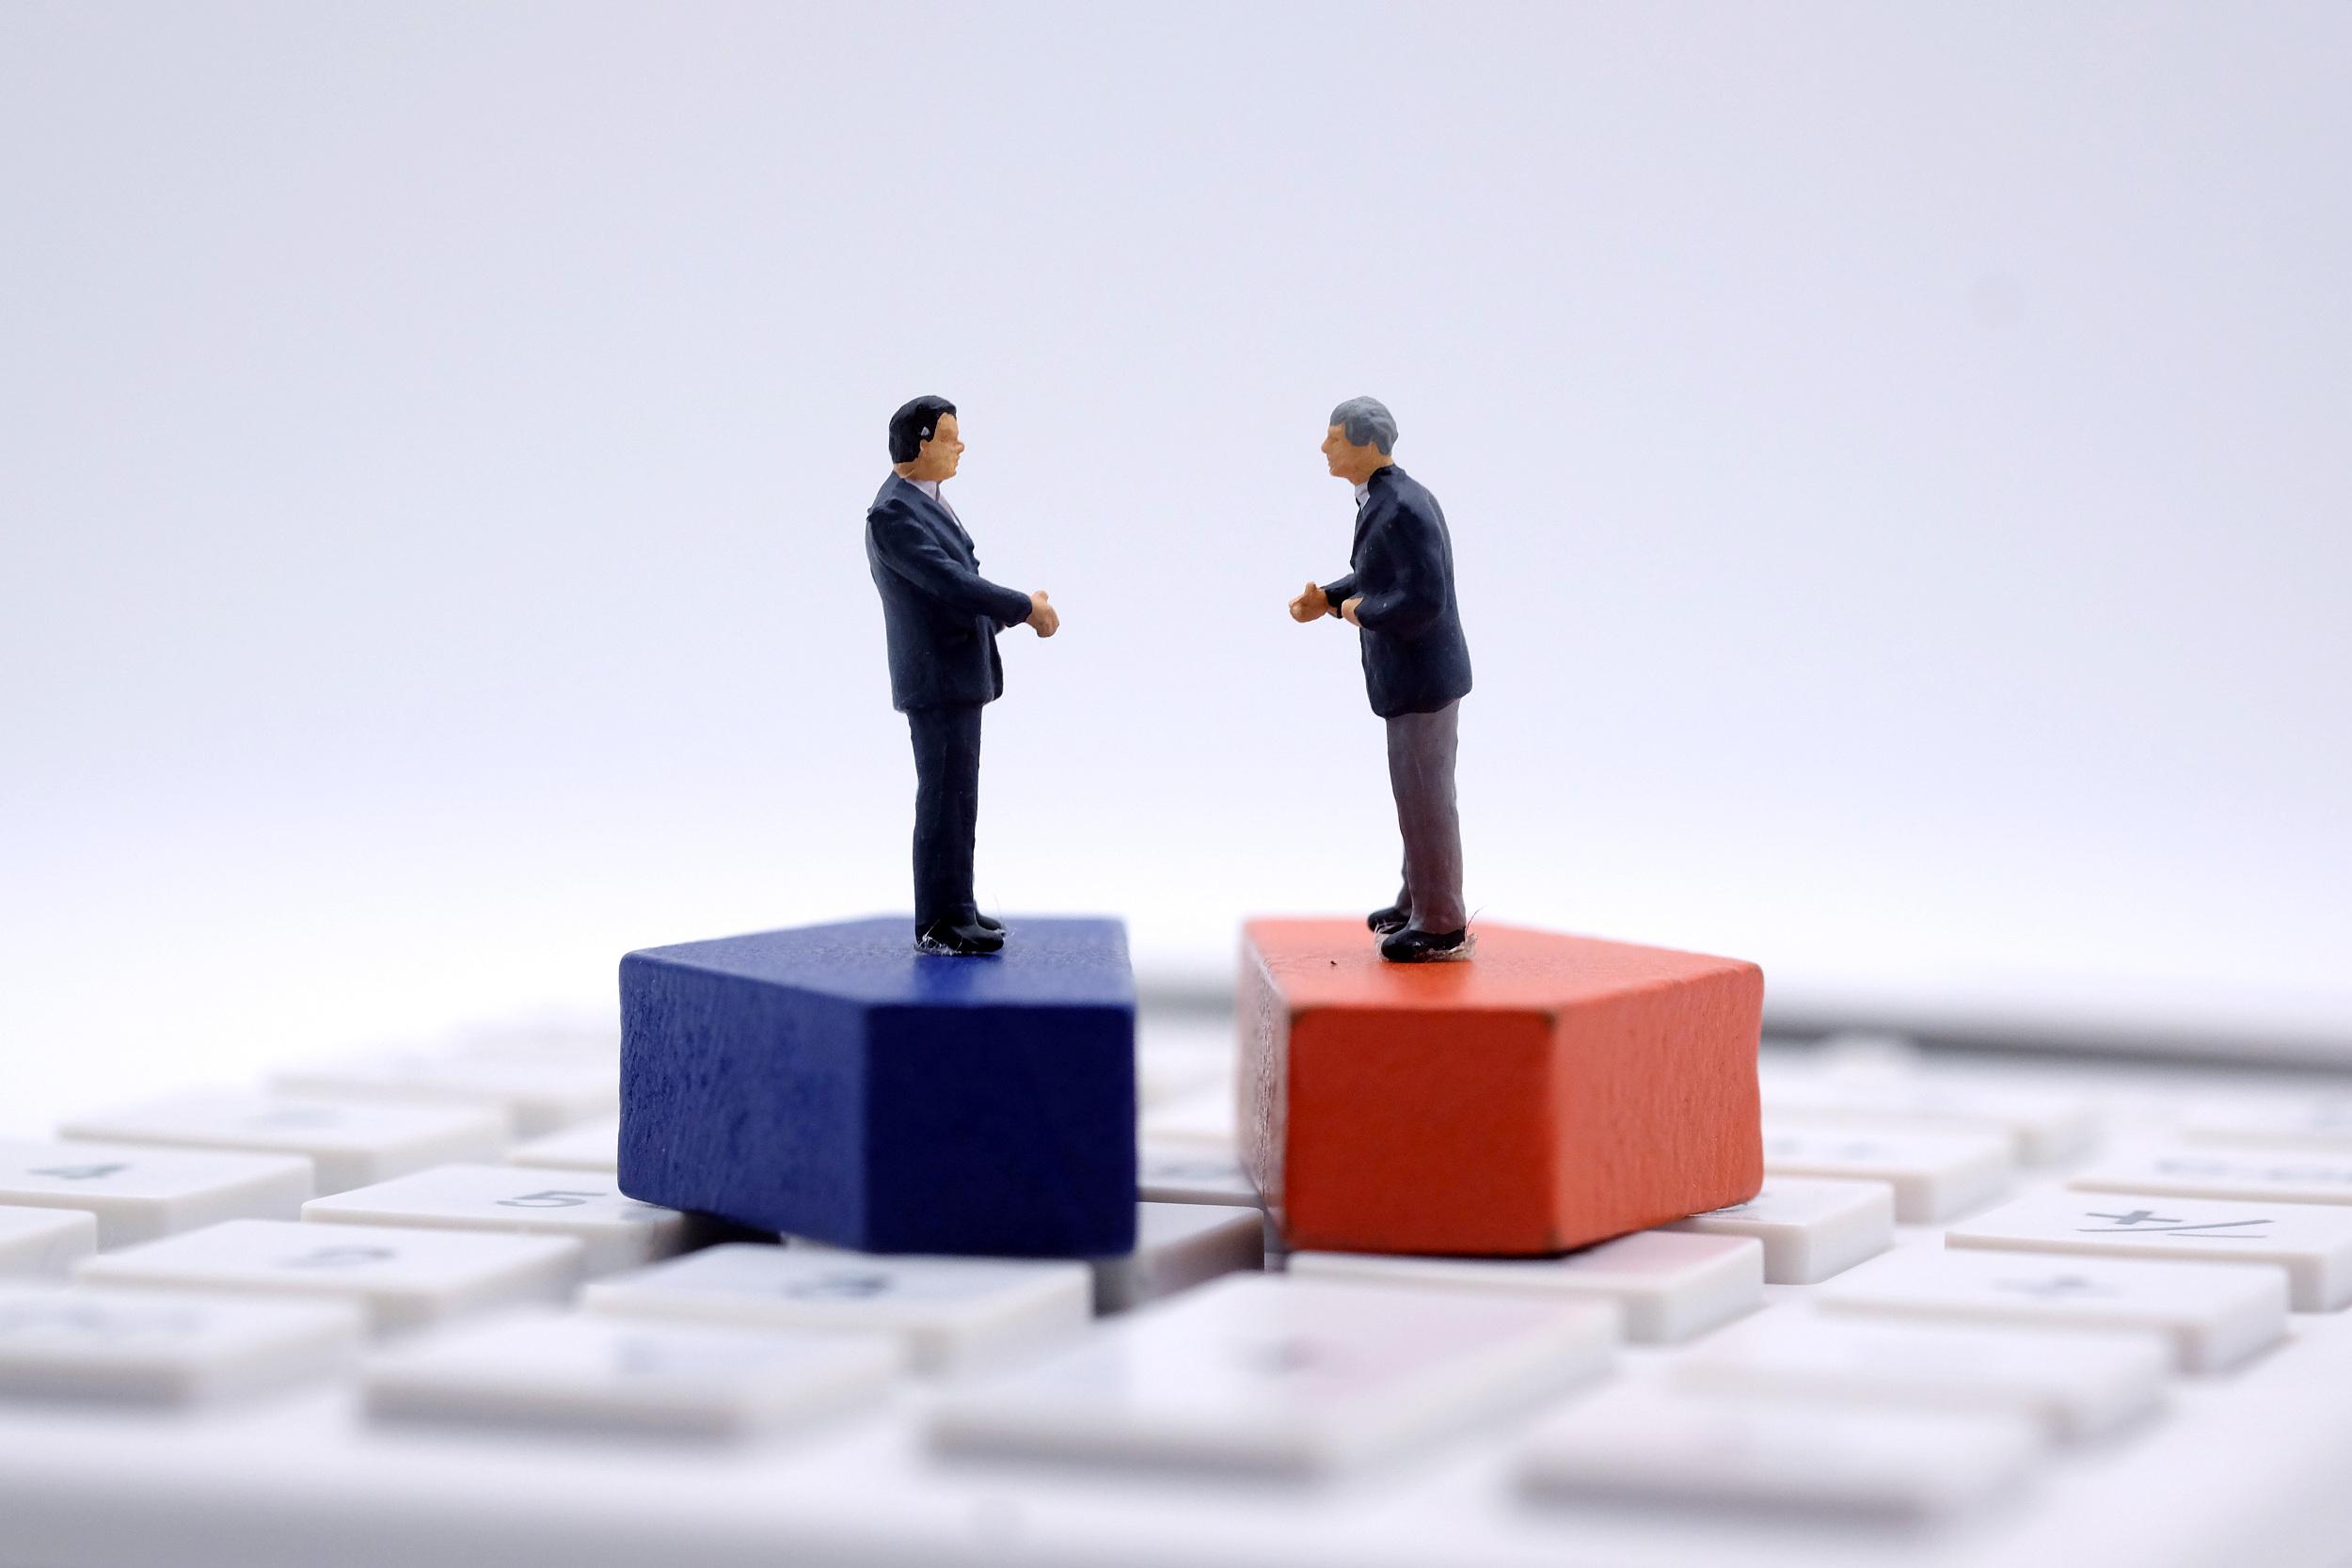 怎样提升TO B 系统类产品的售后服务体验?